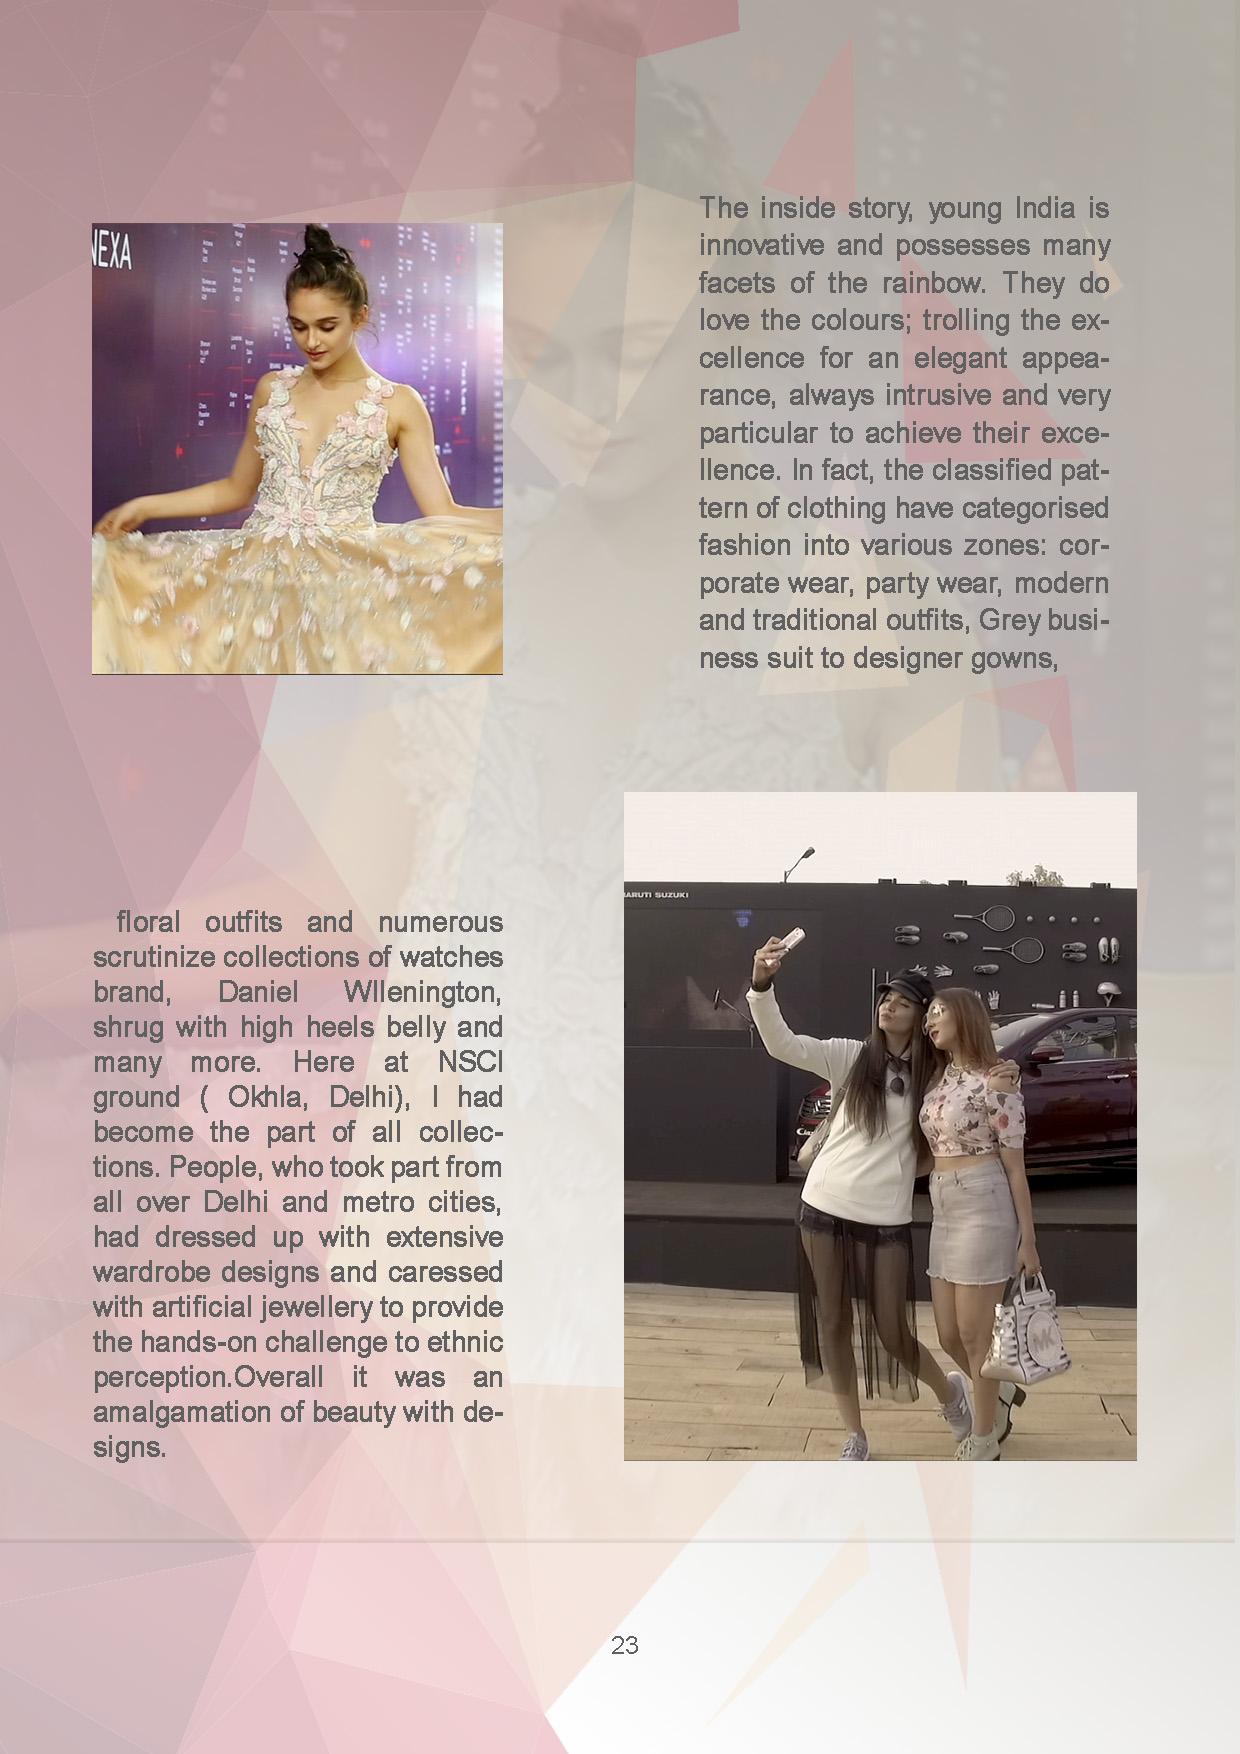 FashionBlog3